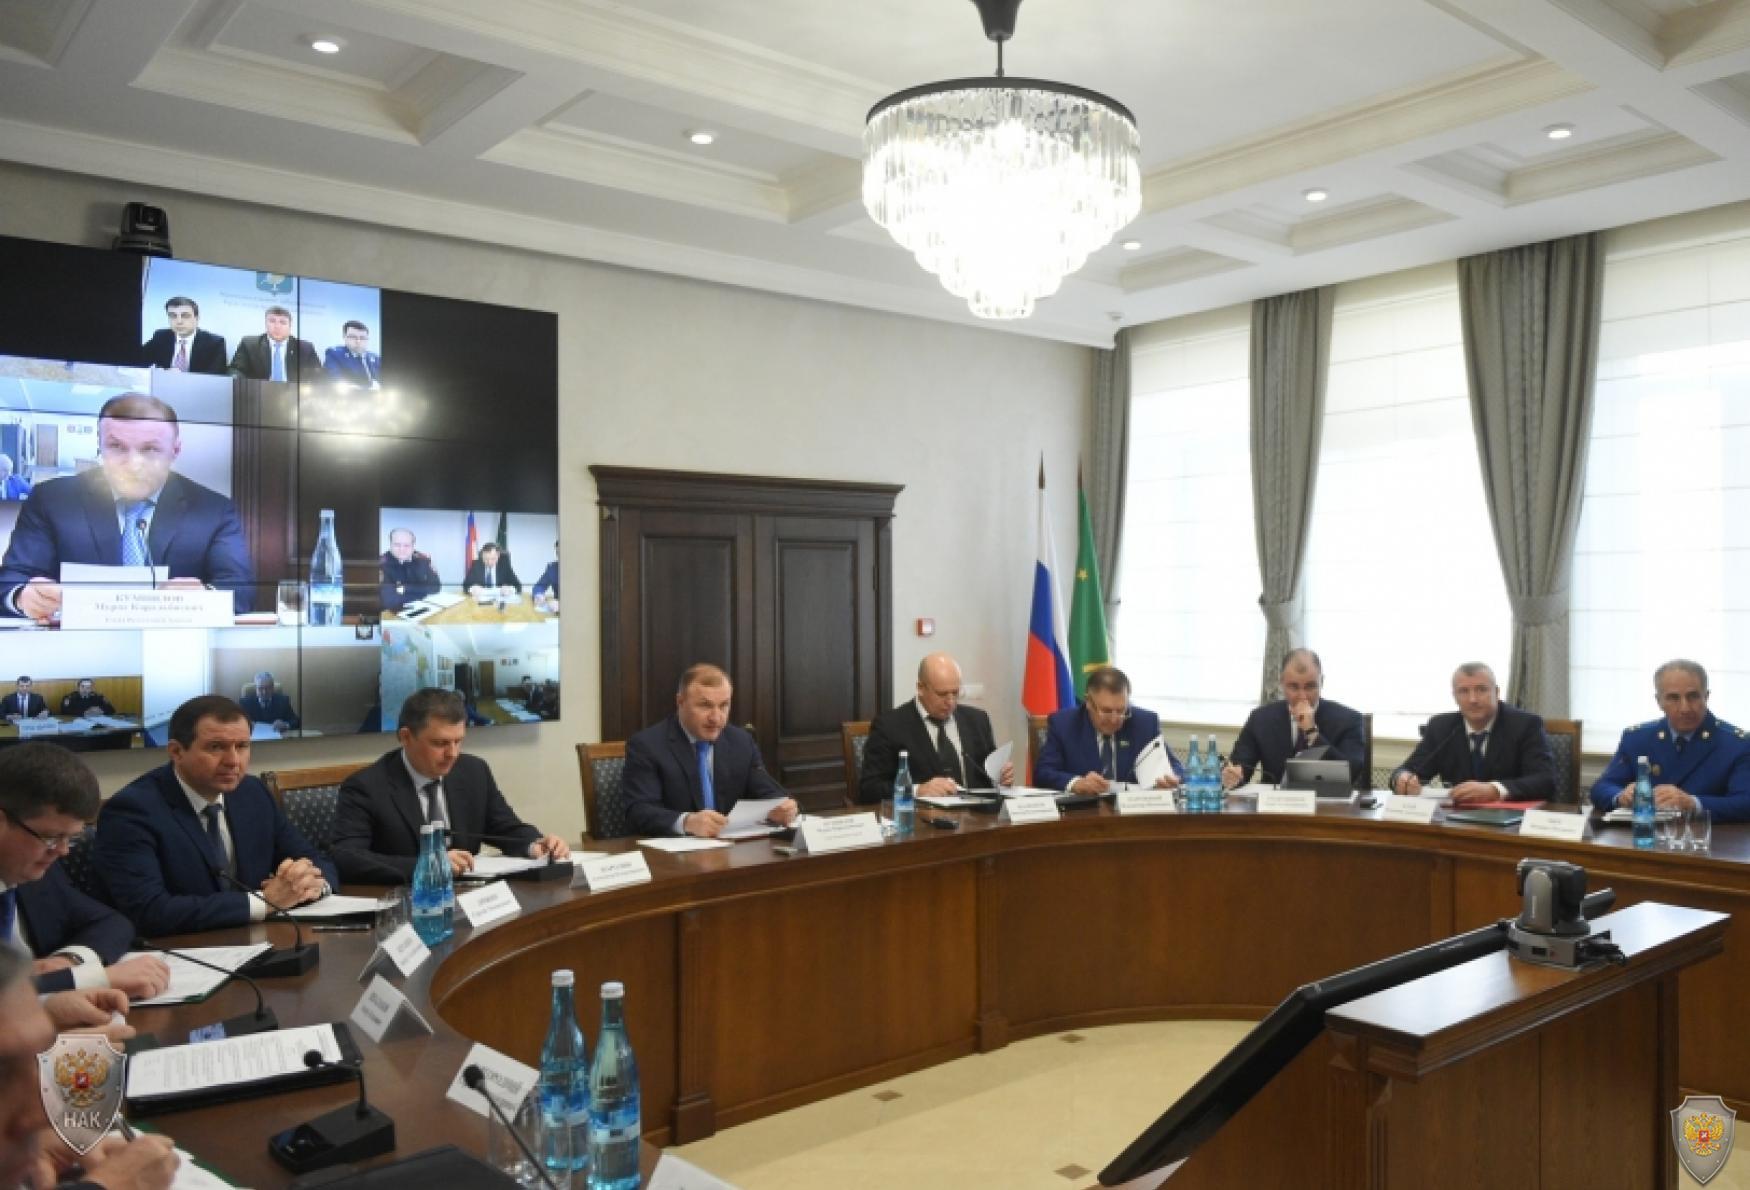 Открытие совместного заседания антитеррористической комиссии и Оперативного штаба в Республике Адыгея